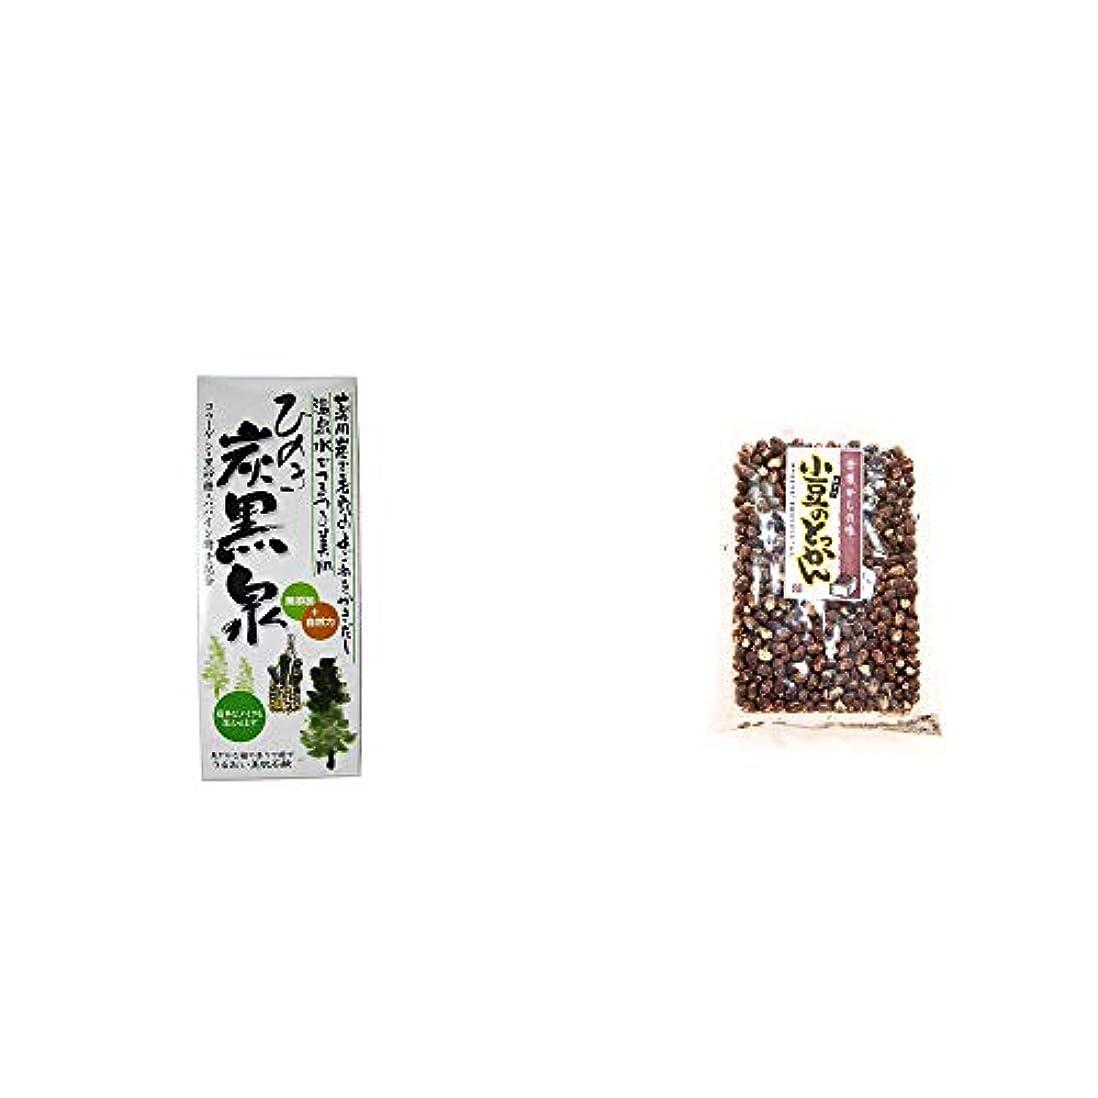 国民アフリカウルル[2点セット] ひのき炭黒泉 箱入り(75g×3)?小豆のとっかん(150g)